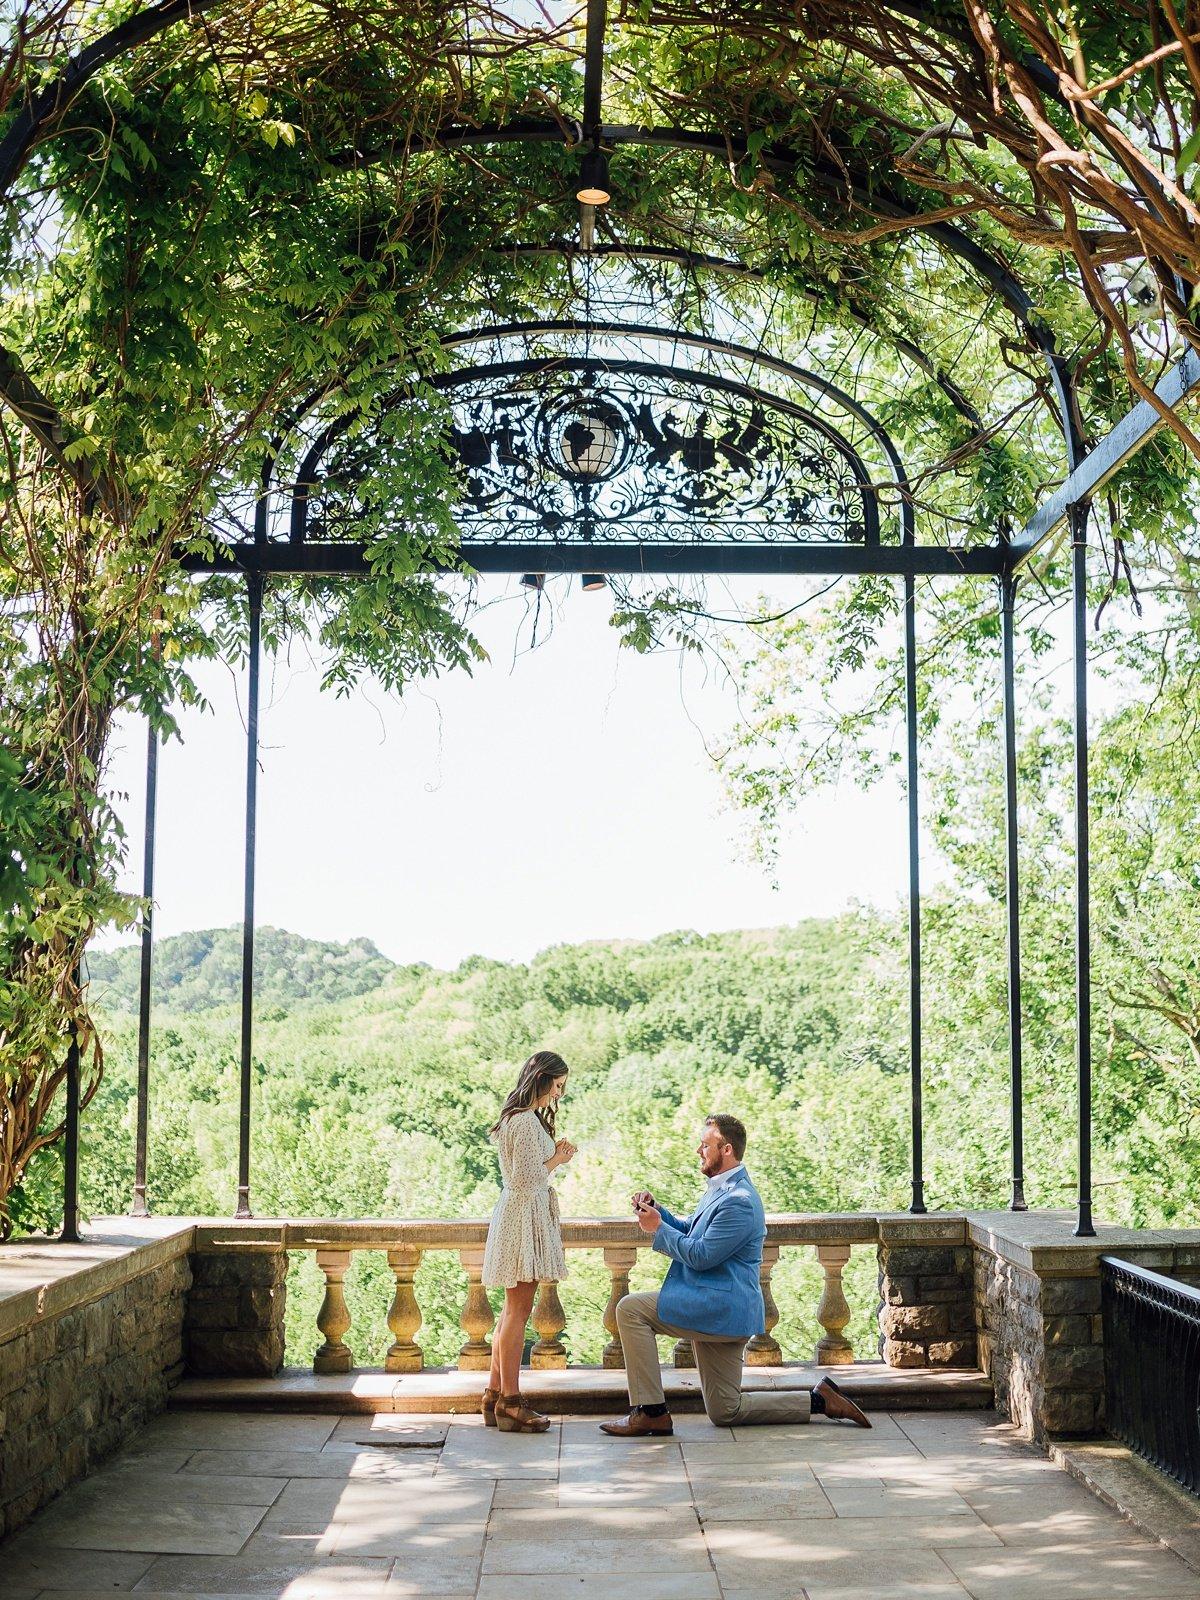 cheekwood-gardens-proposal Cheekwood Proposal - Truman + Alivia